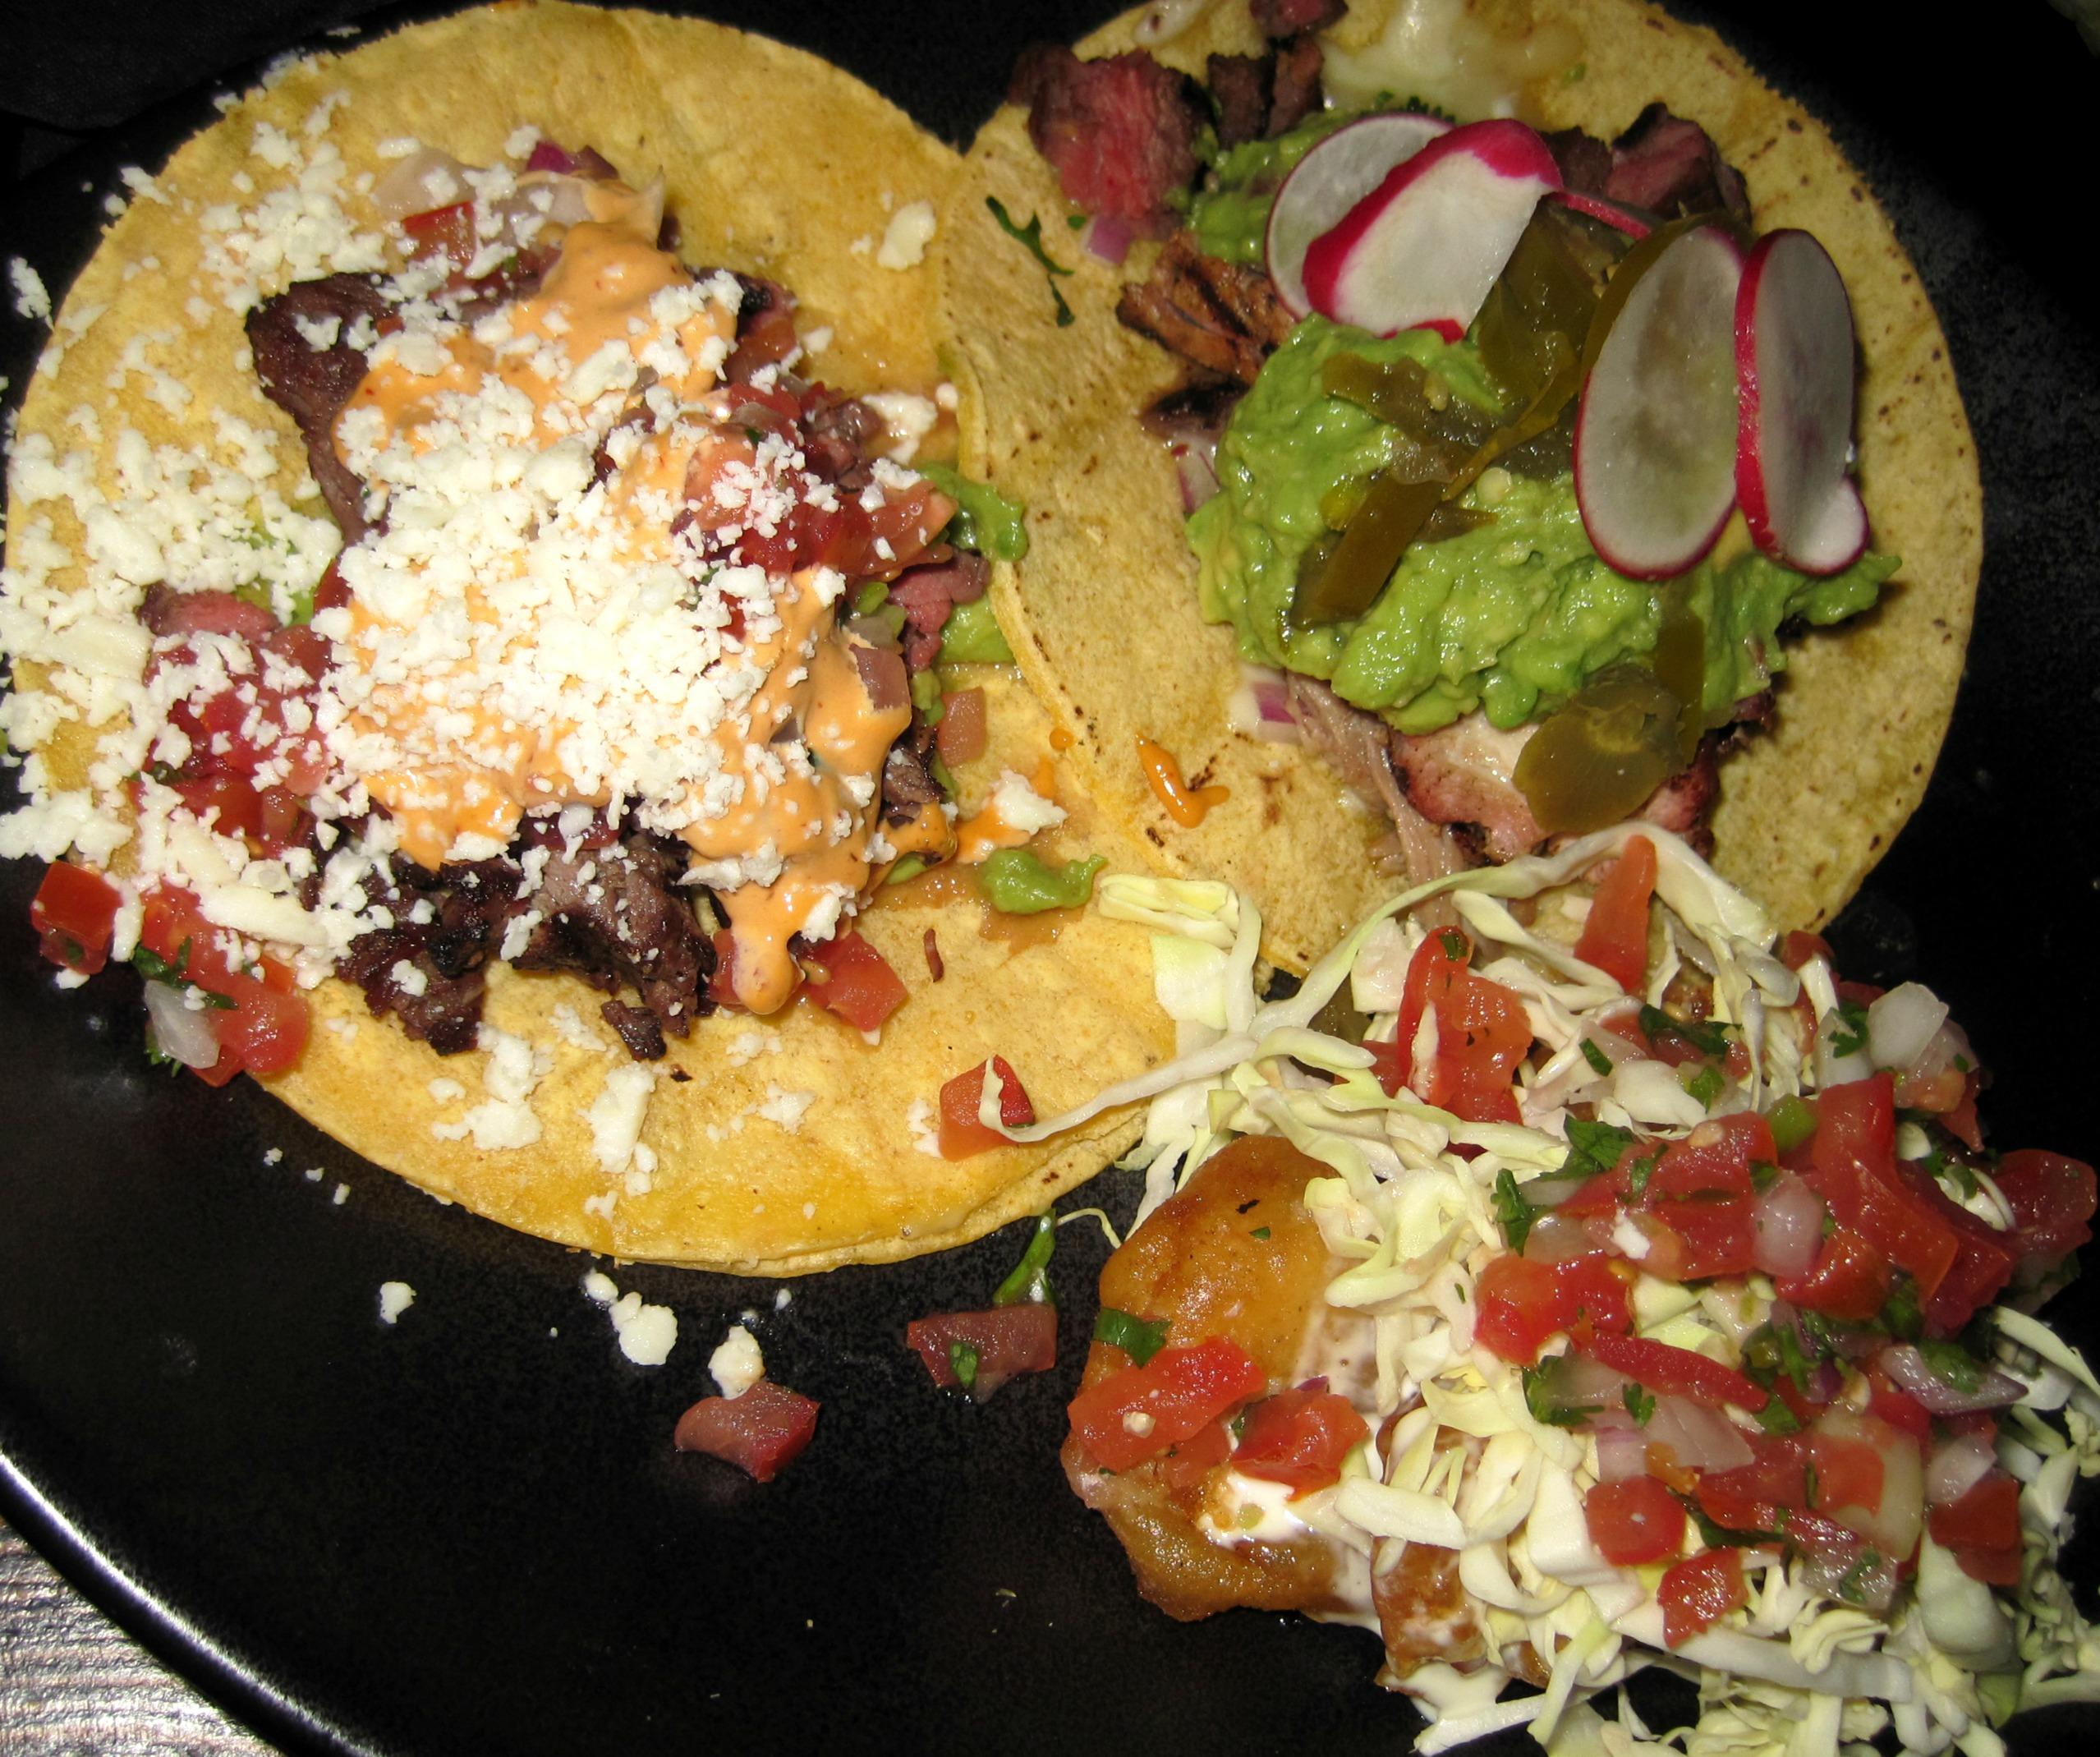 sol cocina street tacos